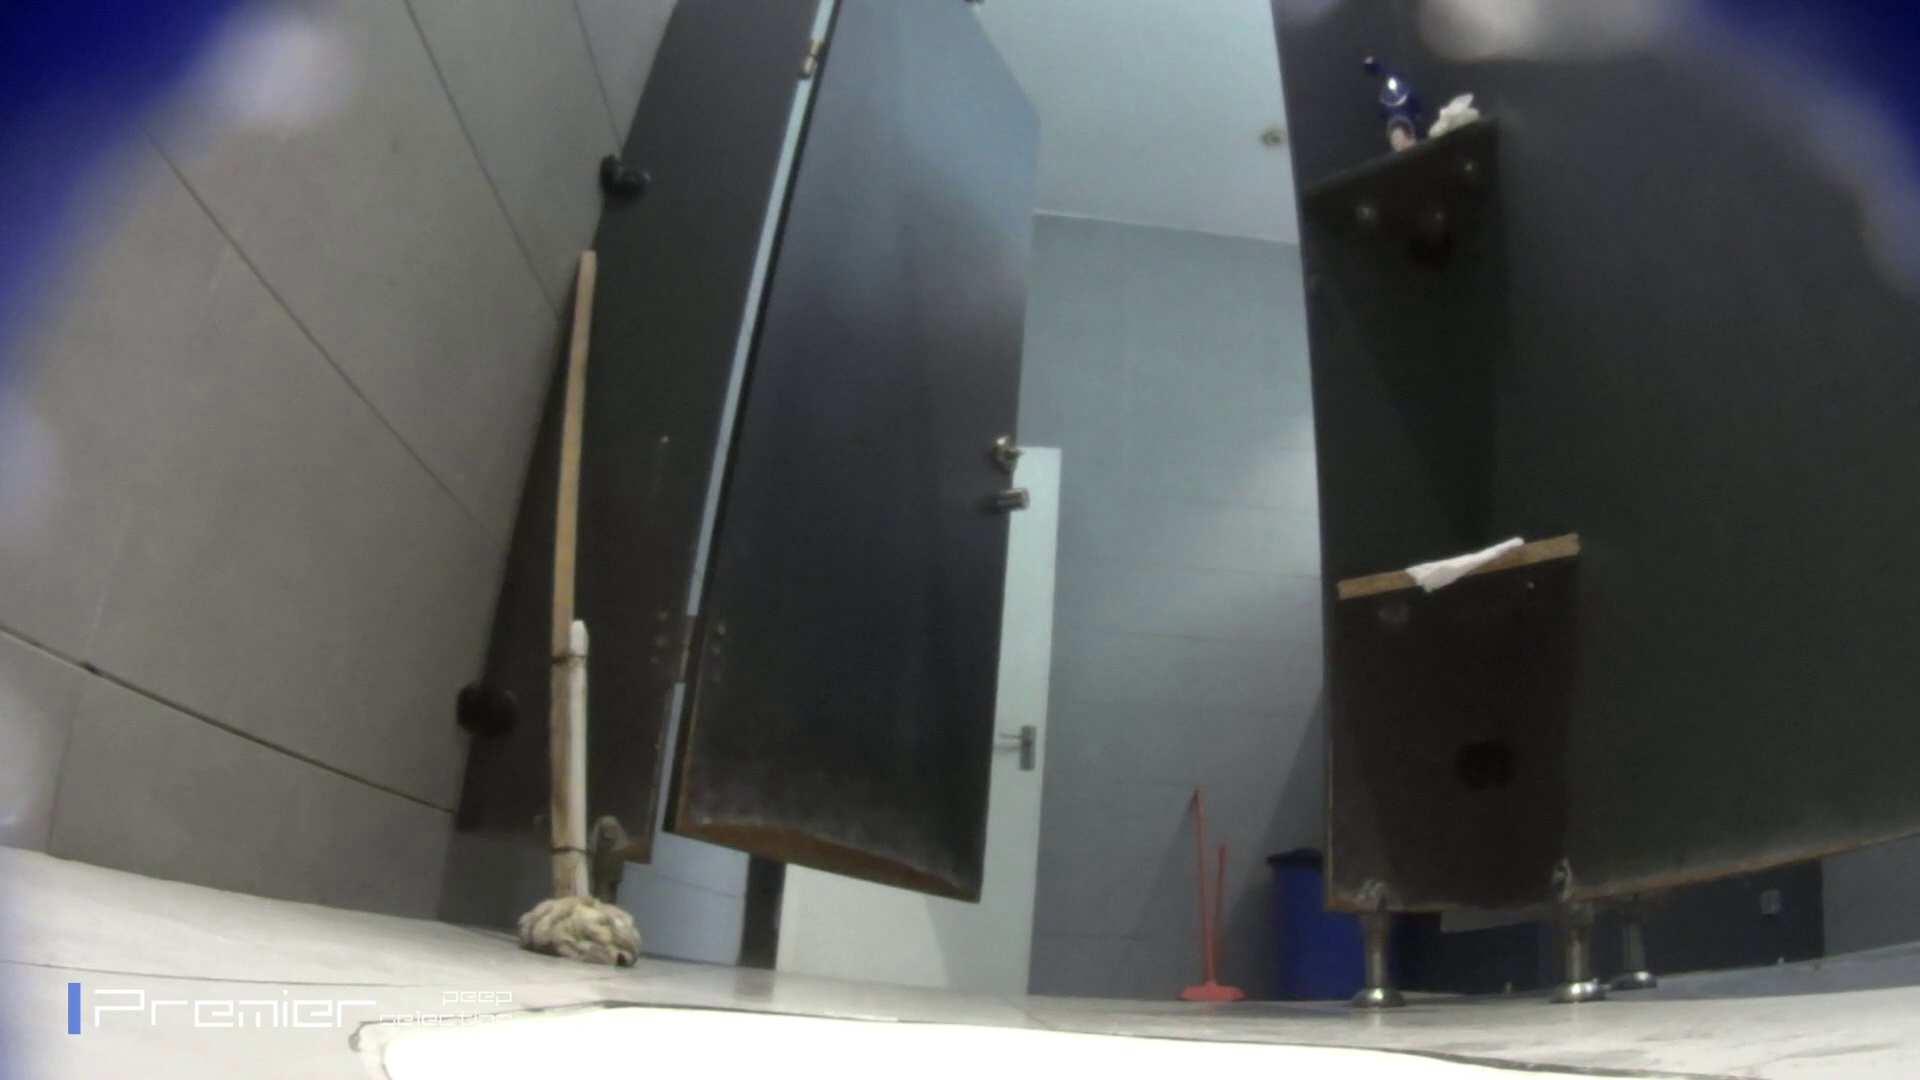 個室のドアを開けたまま放nyoする乙女 大学休憩時間の洗面所事情85 むっちり スケベ動画紹介 89画像 33